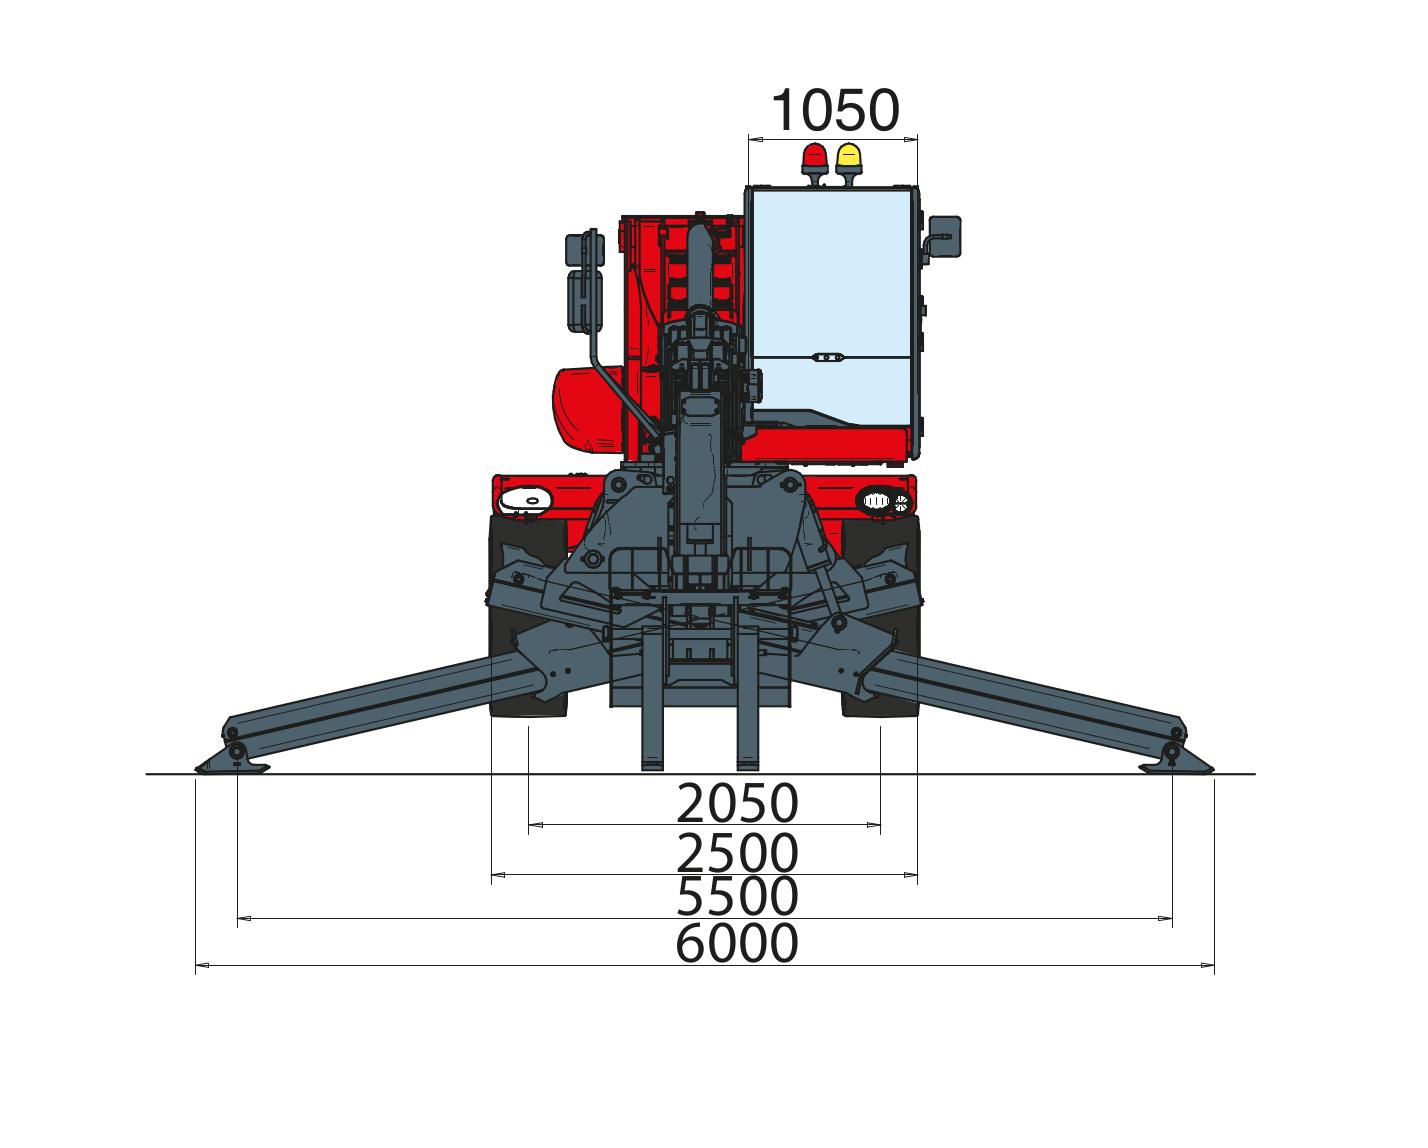 Magni RTH 630 SH Dimensions (2)